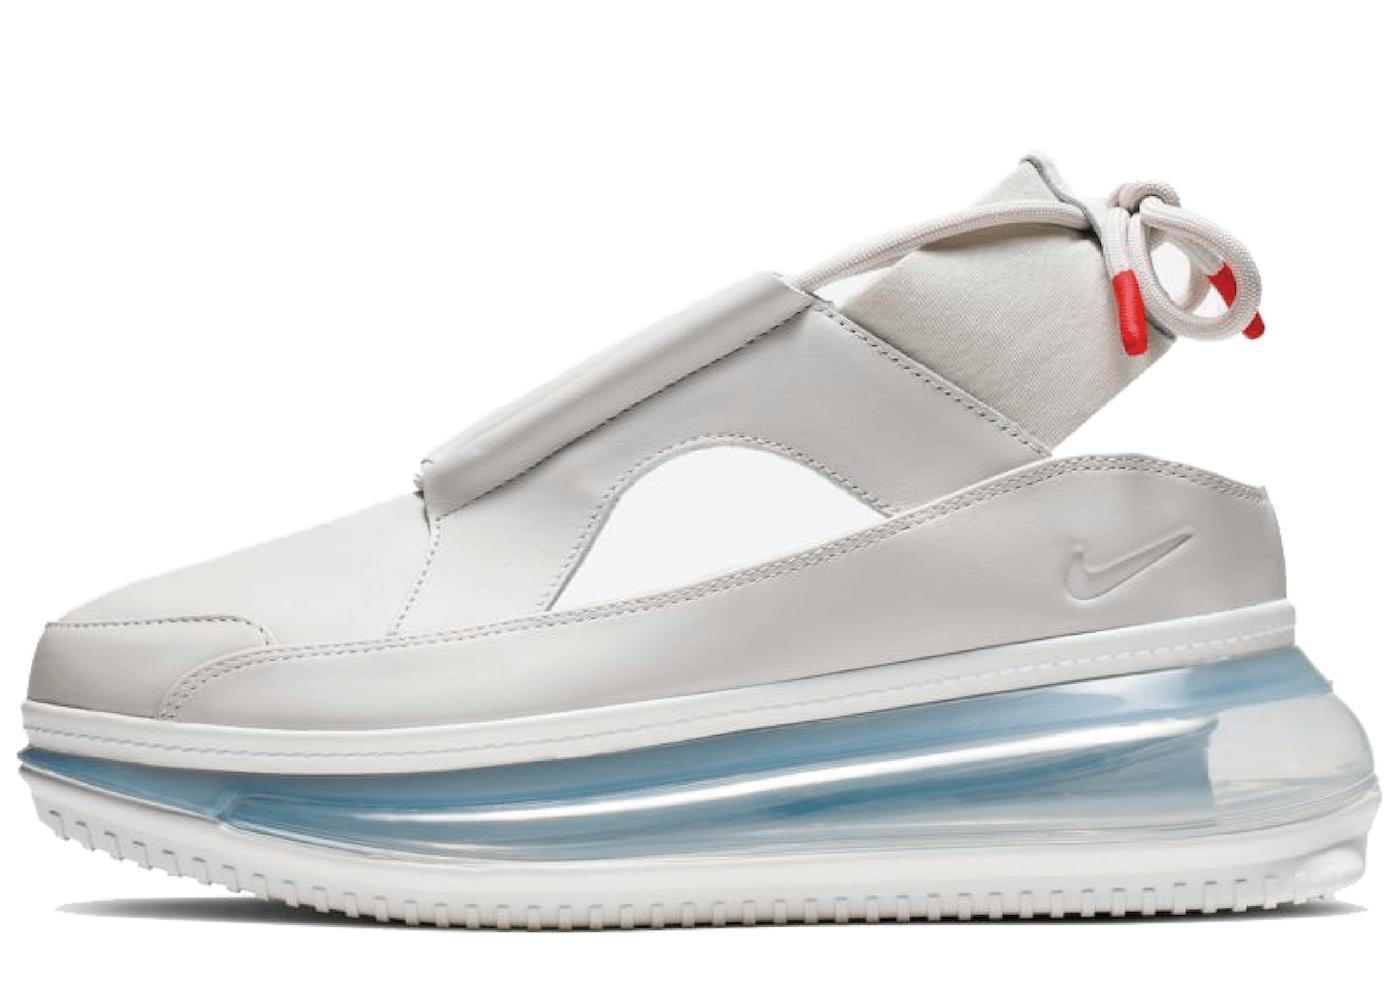 Nike Air Max FF 720 Whiteの写真